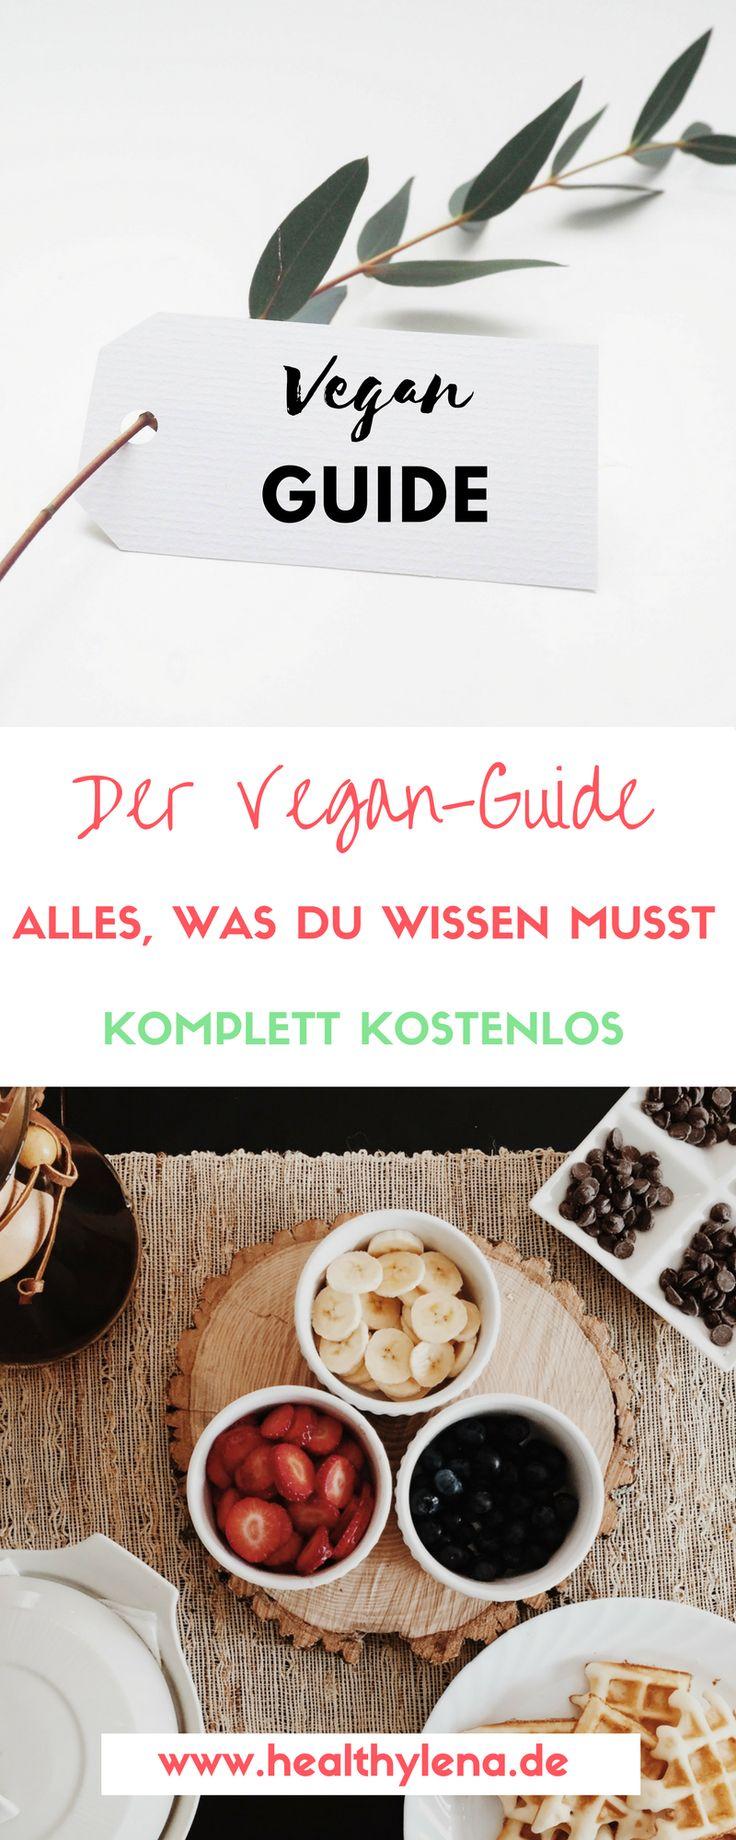 Kennst du schon meinen kostenlosen Vegan-Guide? Dort habe ich alle wichtigen Infos für Anfänger und Fortgeschrittene gratis zusammengefasst und gebe Tipps und Empfehlungen für alle, die sich für die vegane Ernährung interessieren! Schau unbedingt mal rein :)